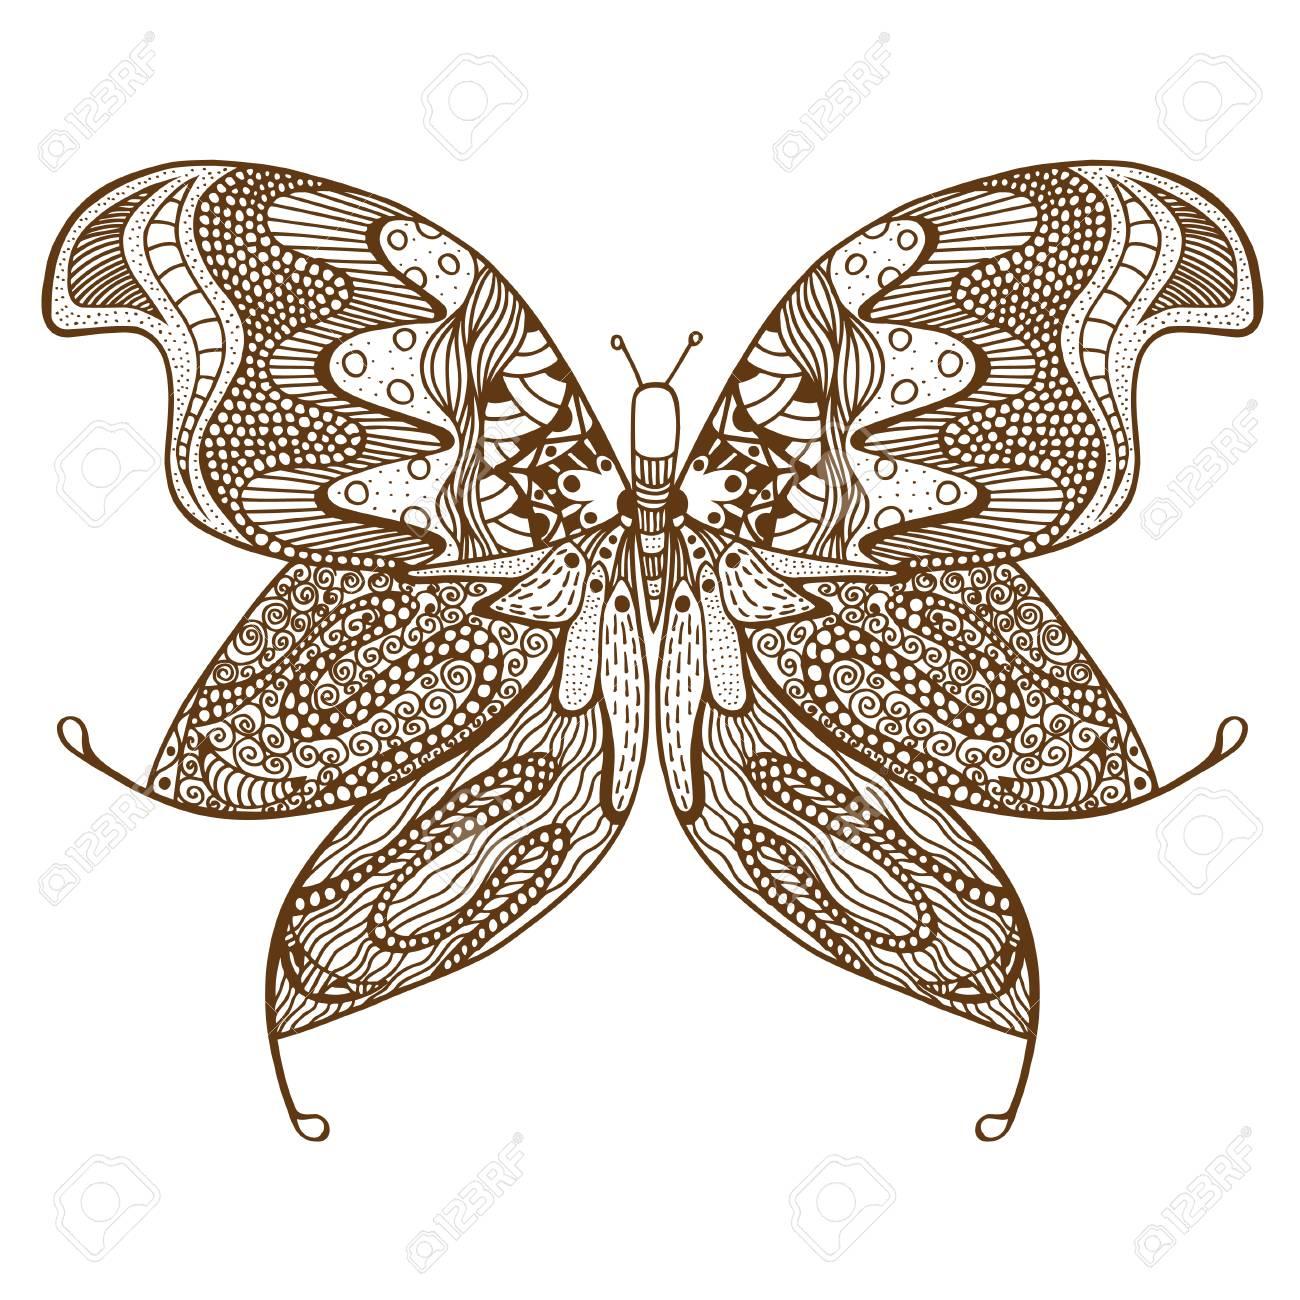 Wunderbar Buchstabe B Schmetterling Färbung Seite Fotos - Entry ...